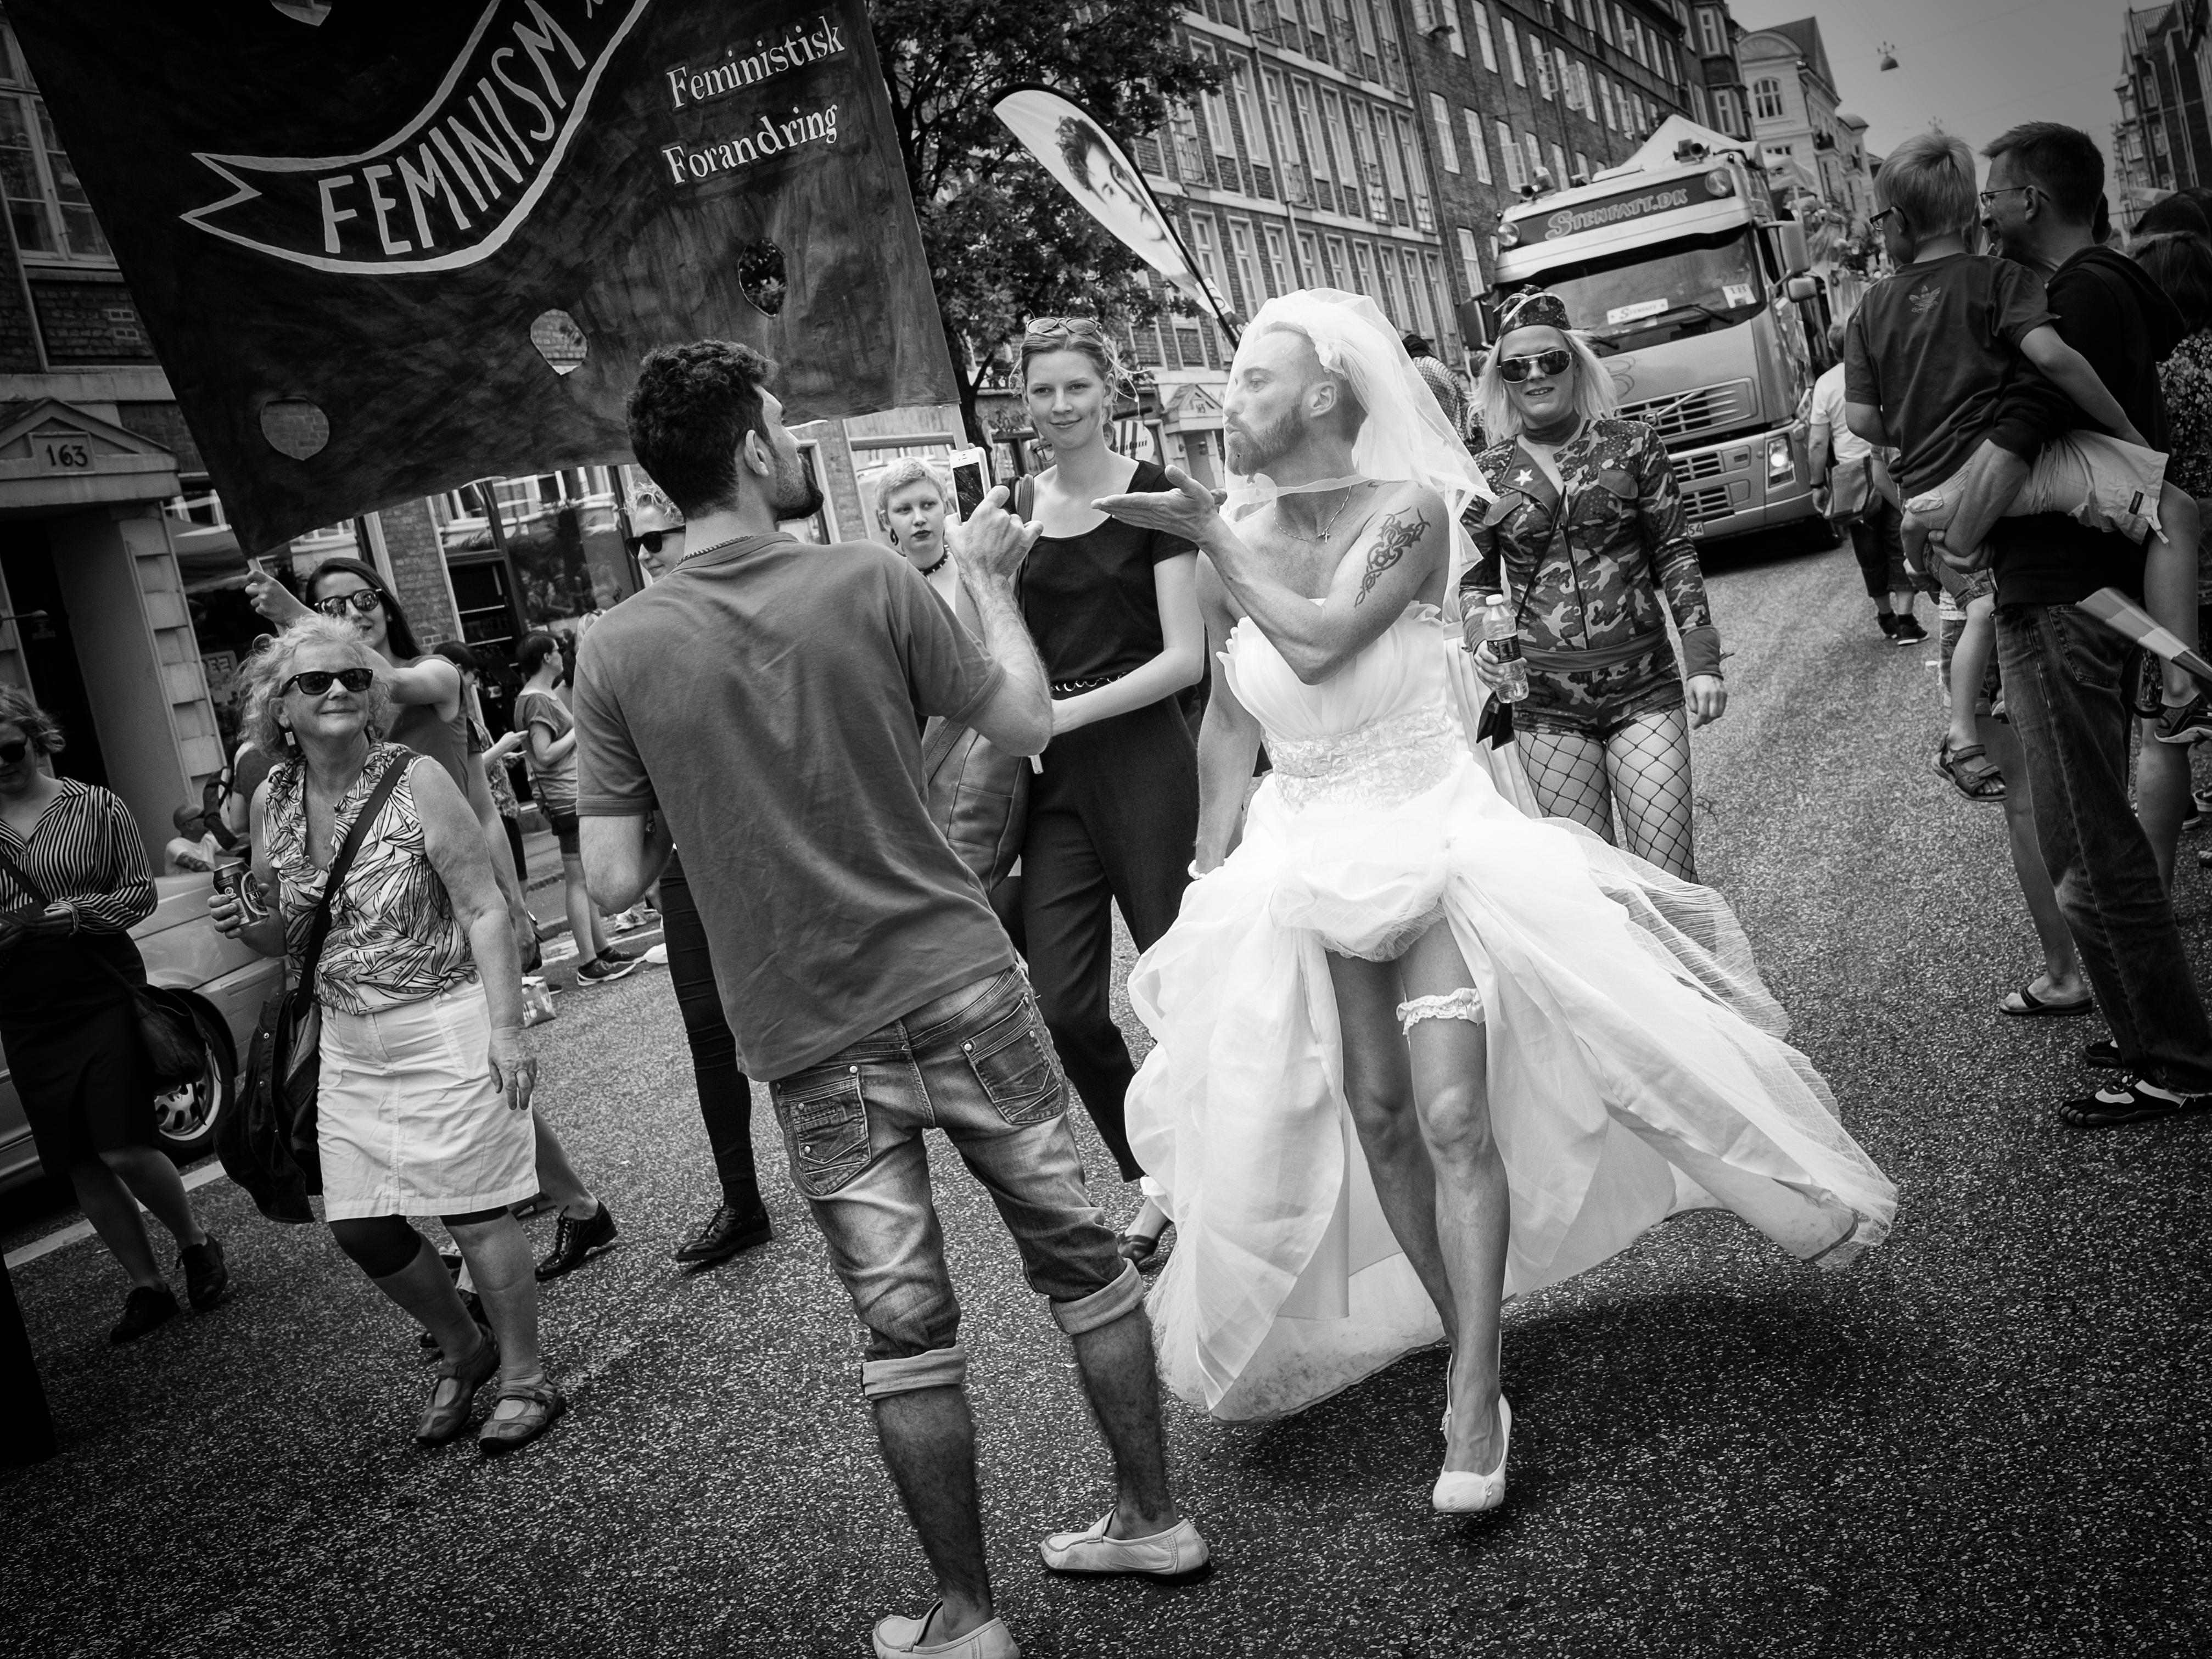 Femenistisk Forandring femenister gaypride gay pride fest